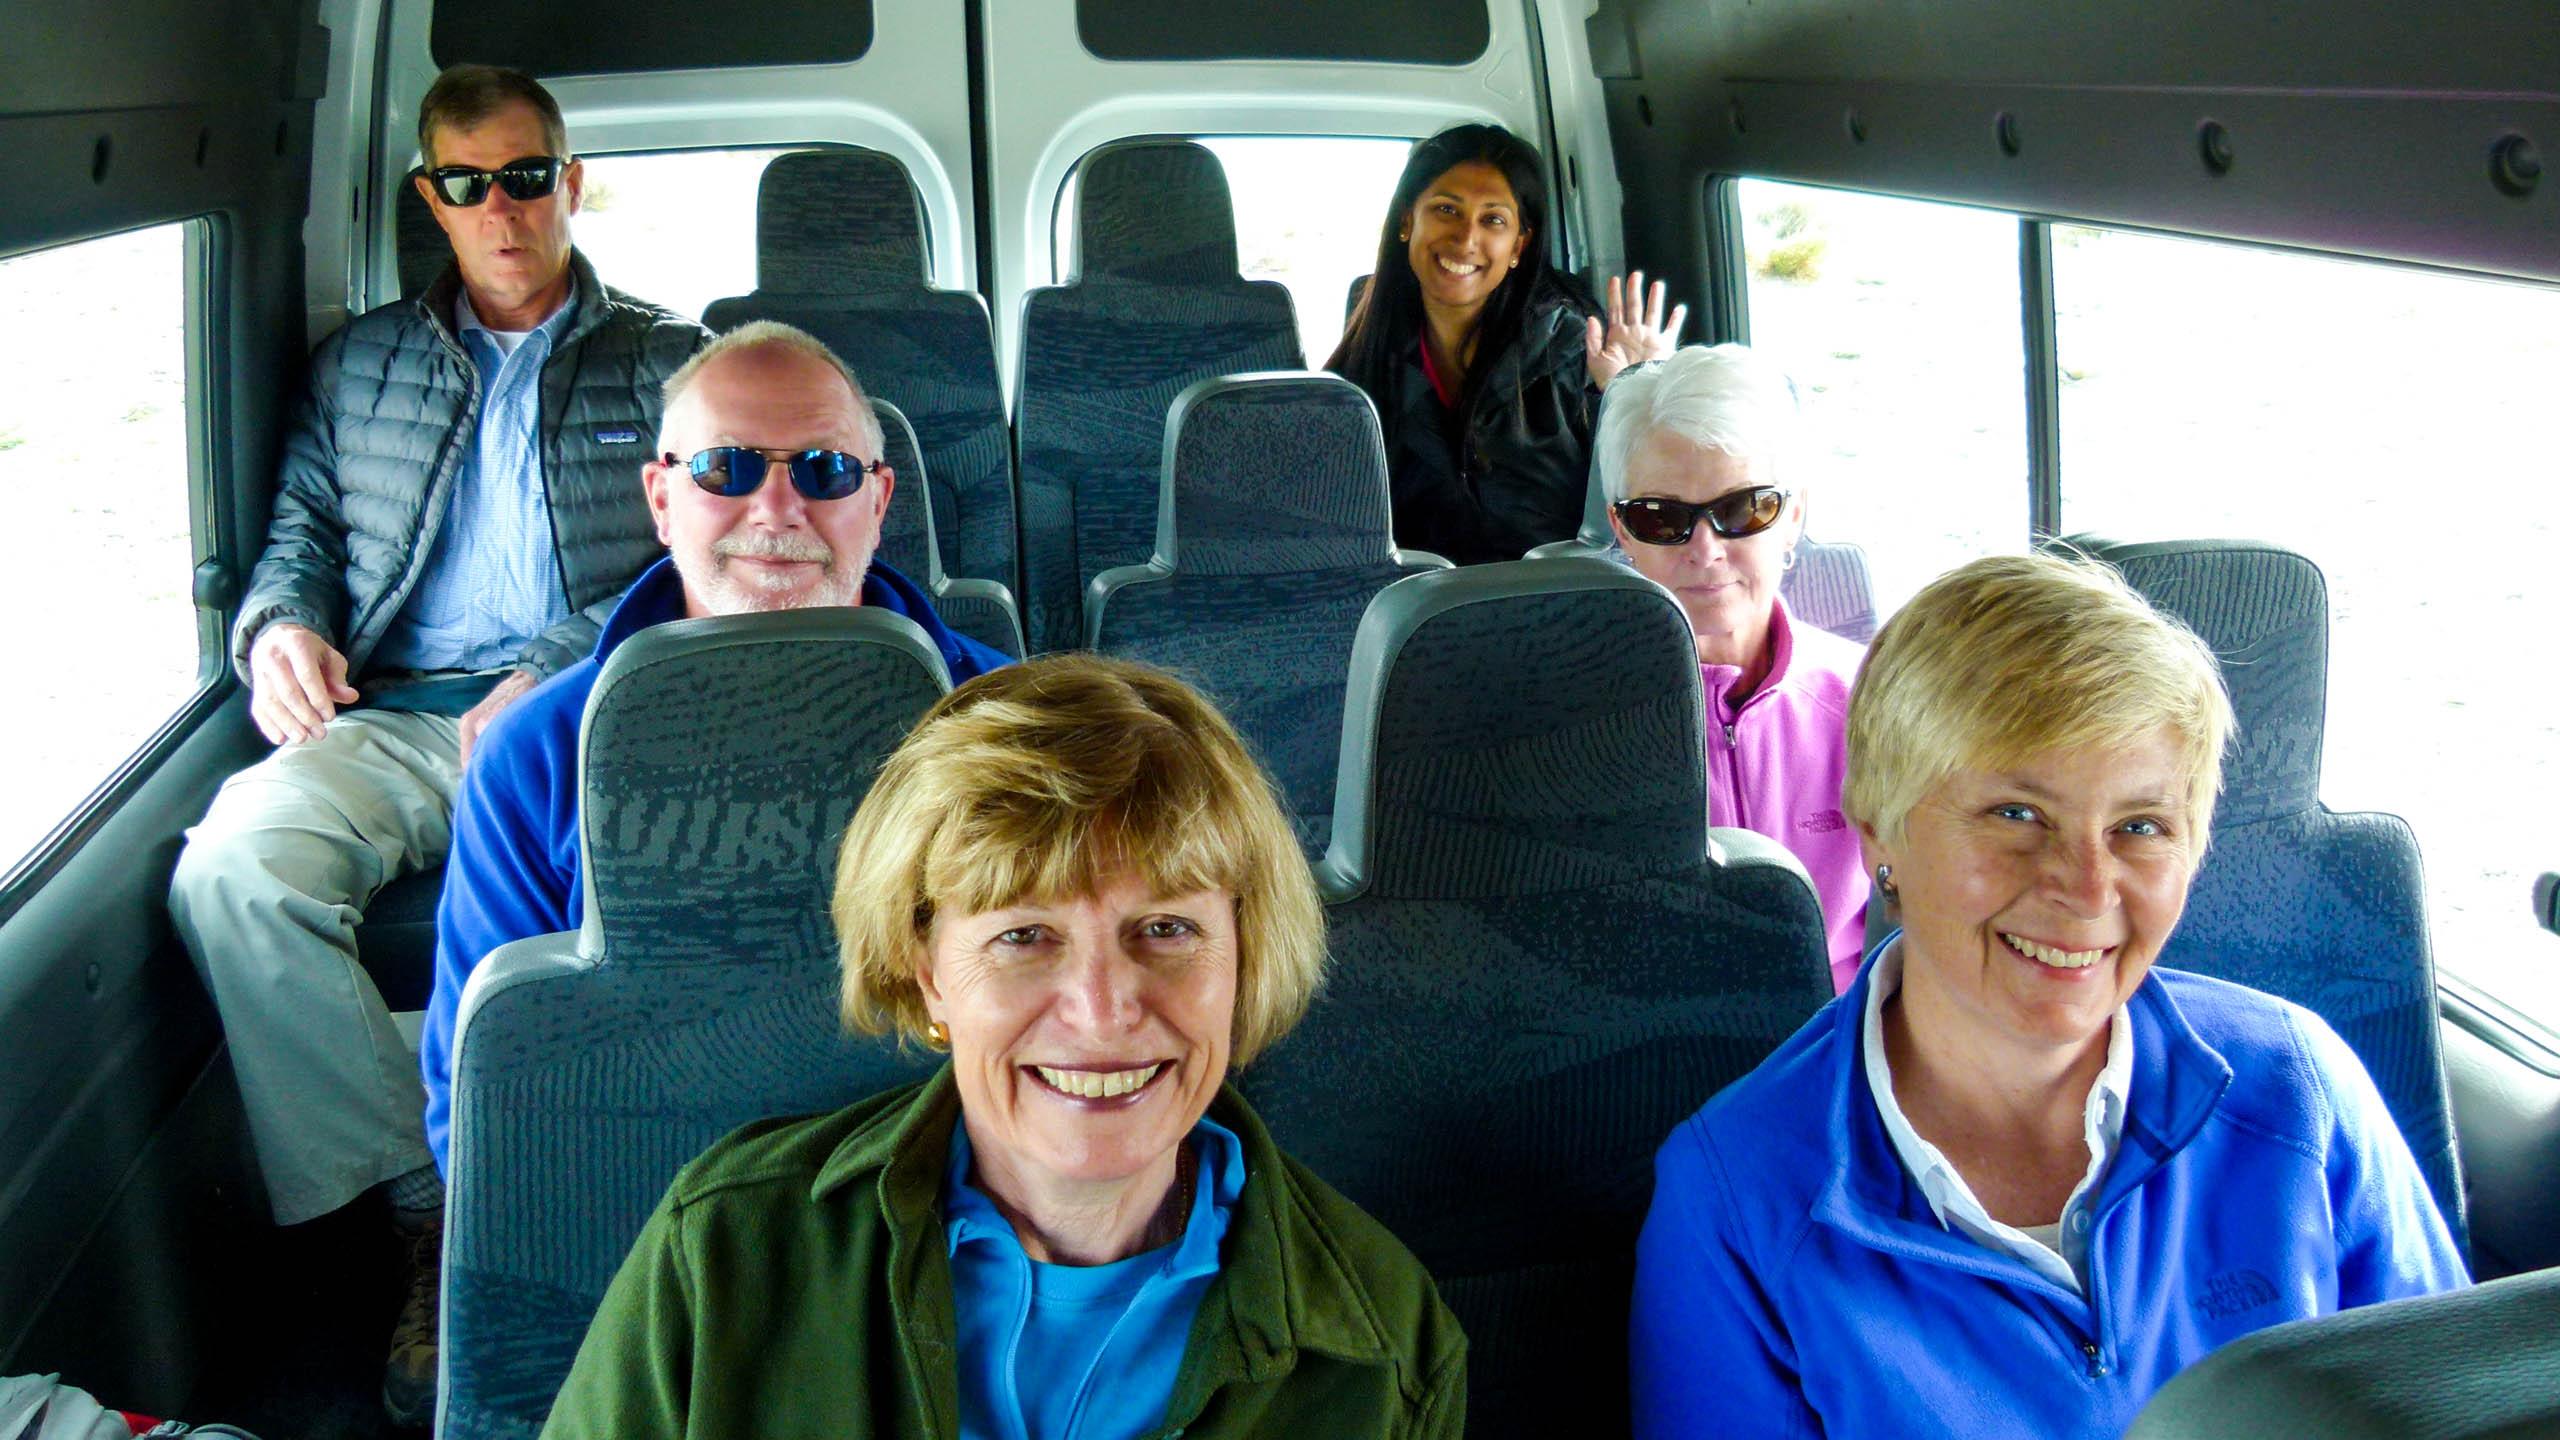 Argentina travel group in van